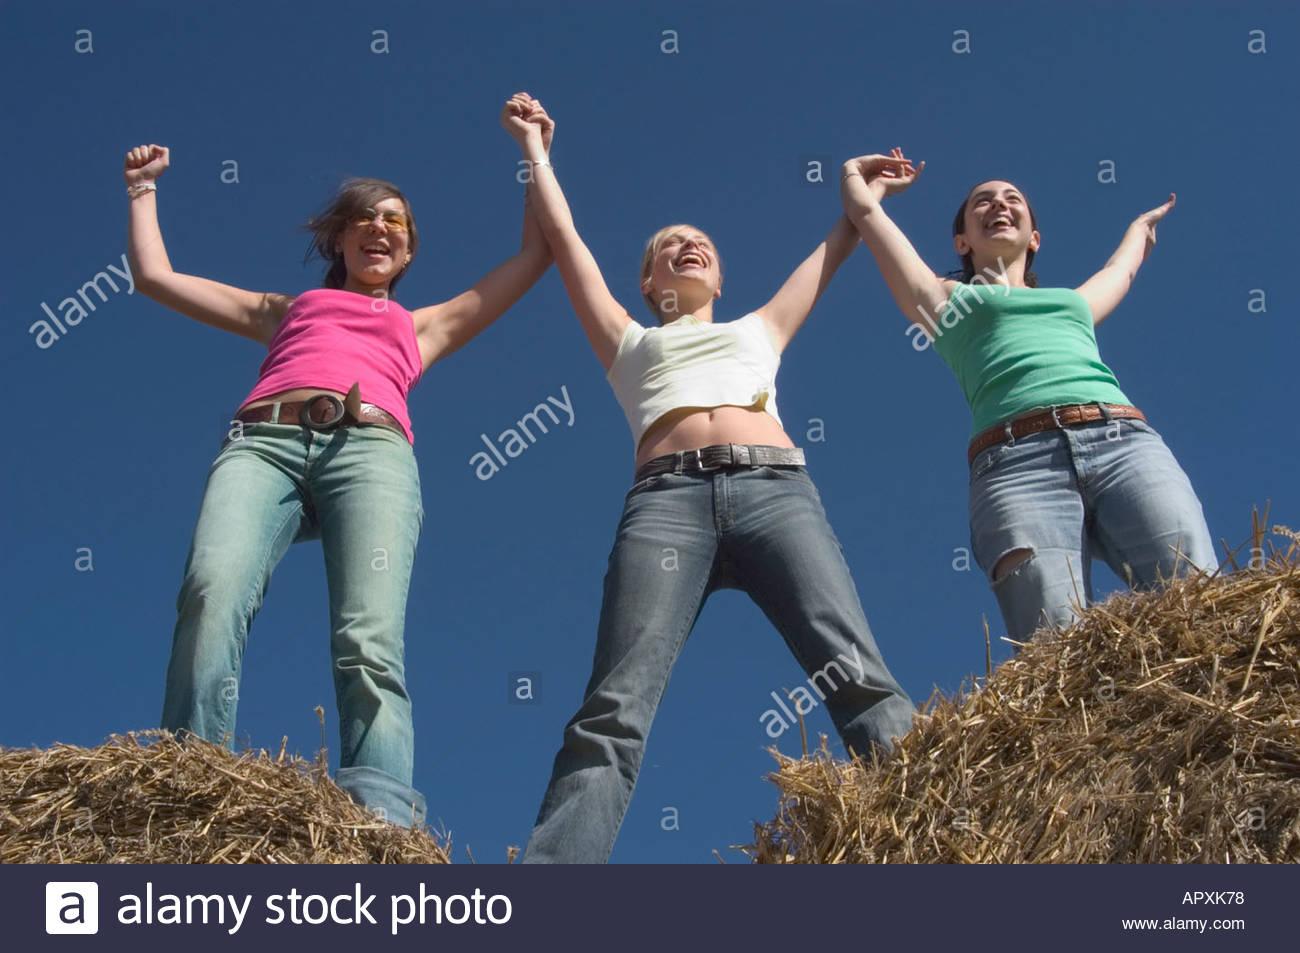 Фотографии трёх девушек друзей вместе 4 фотография